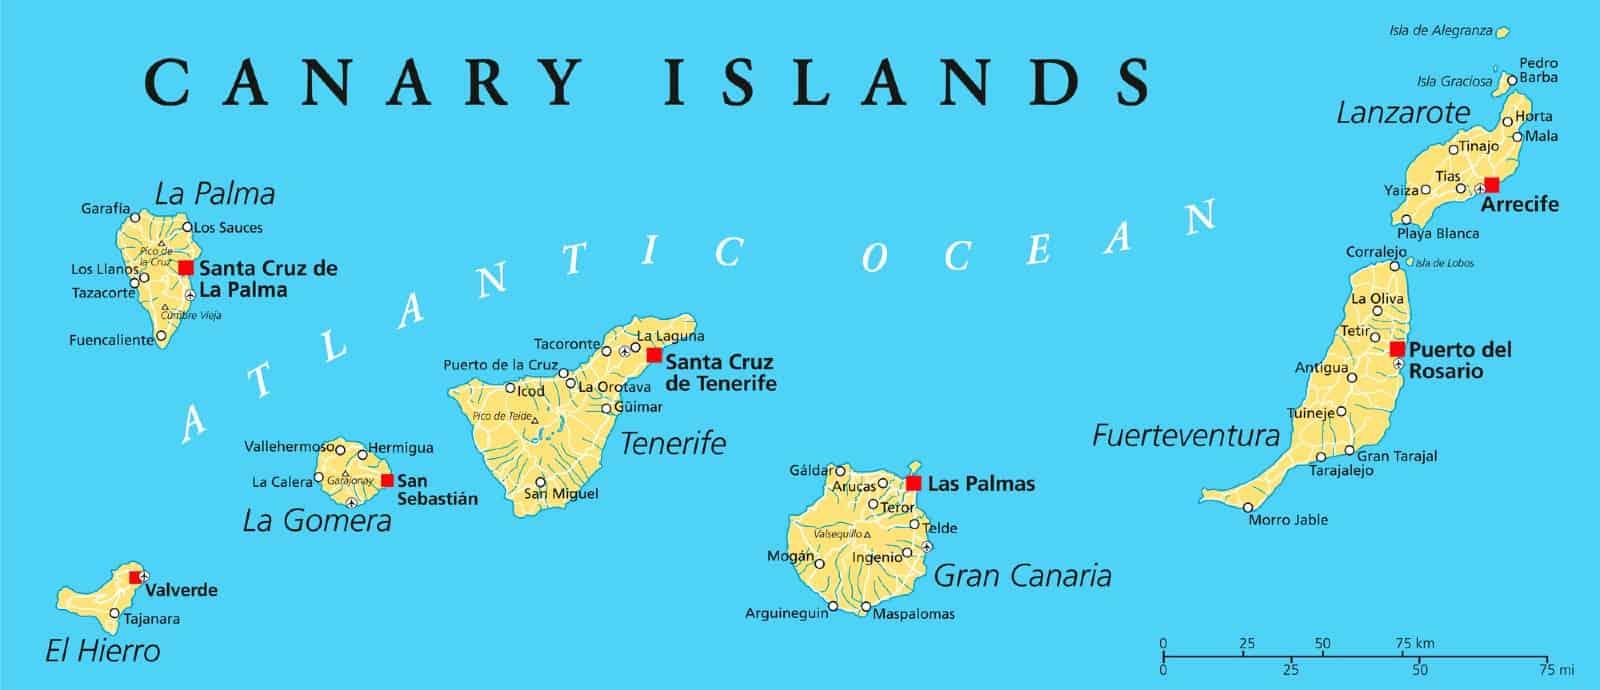 Mappa Isole Canarie quale scegliere